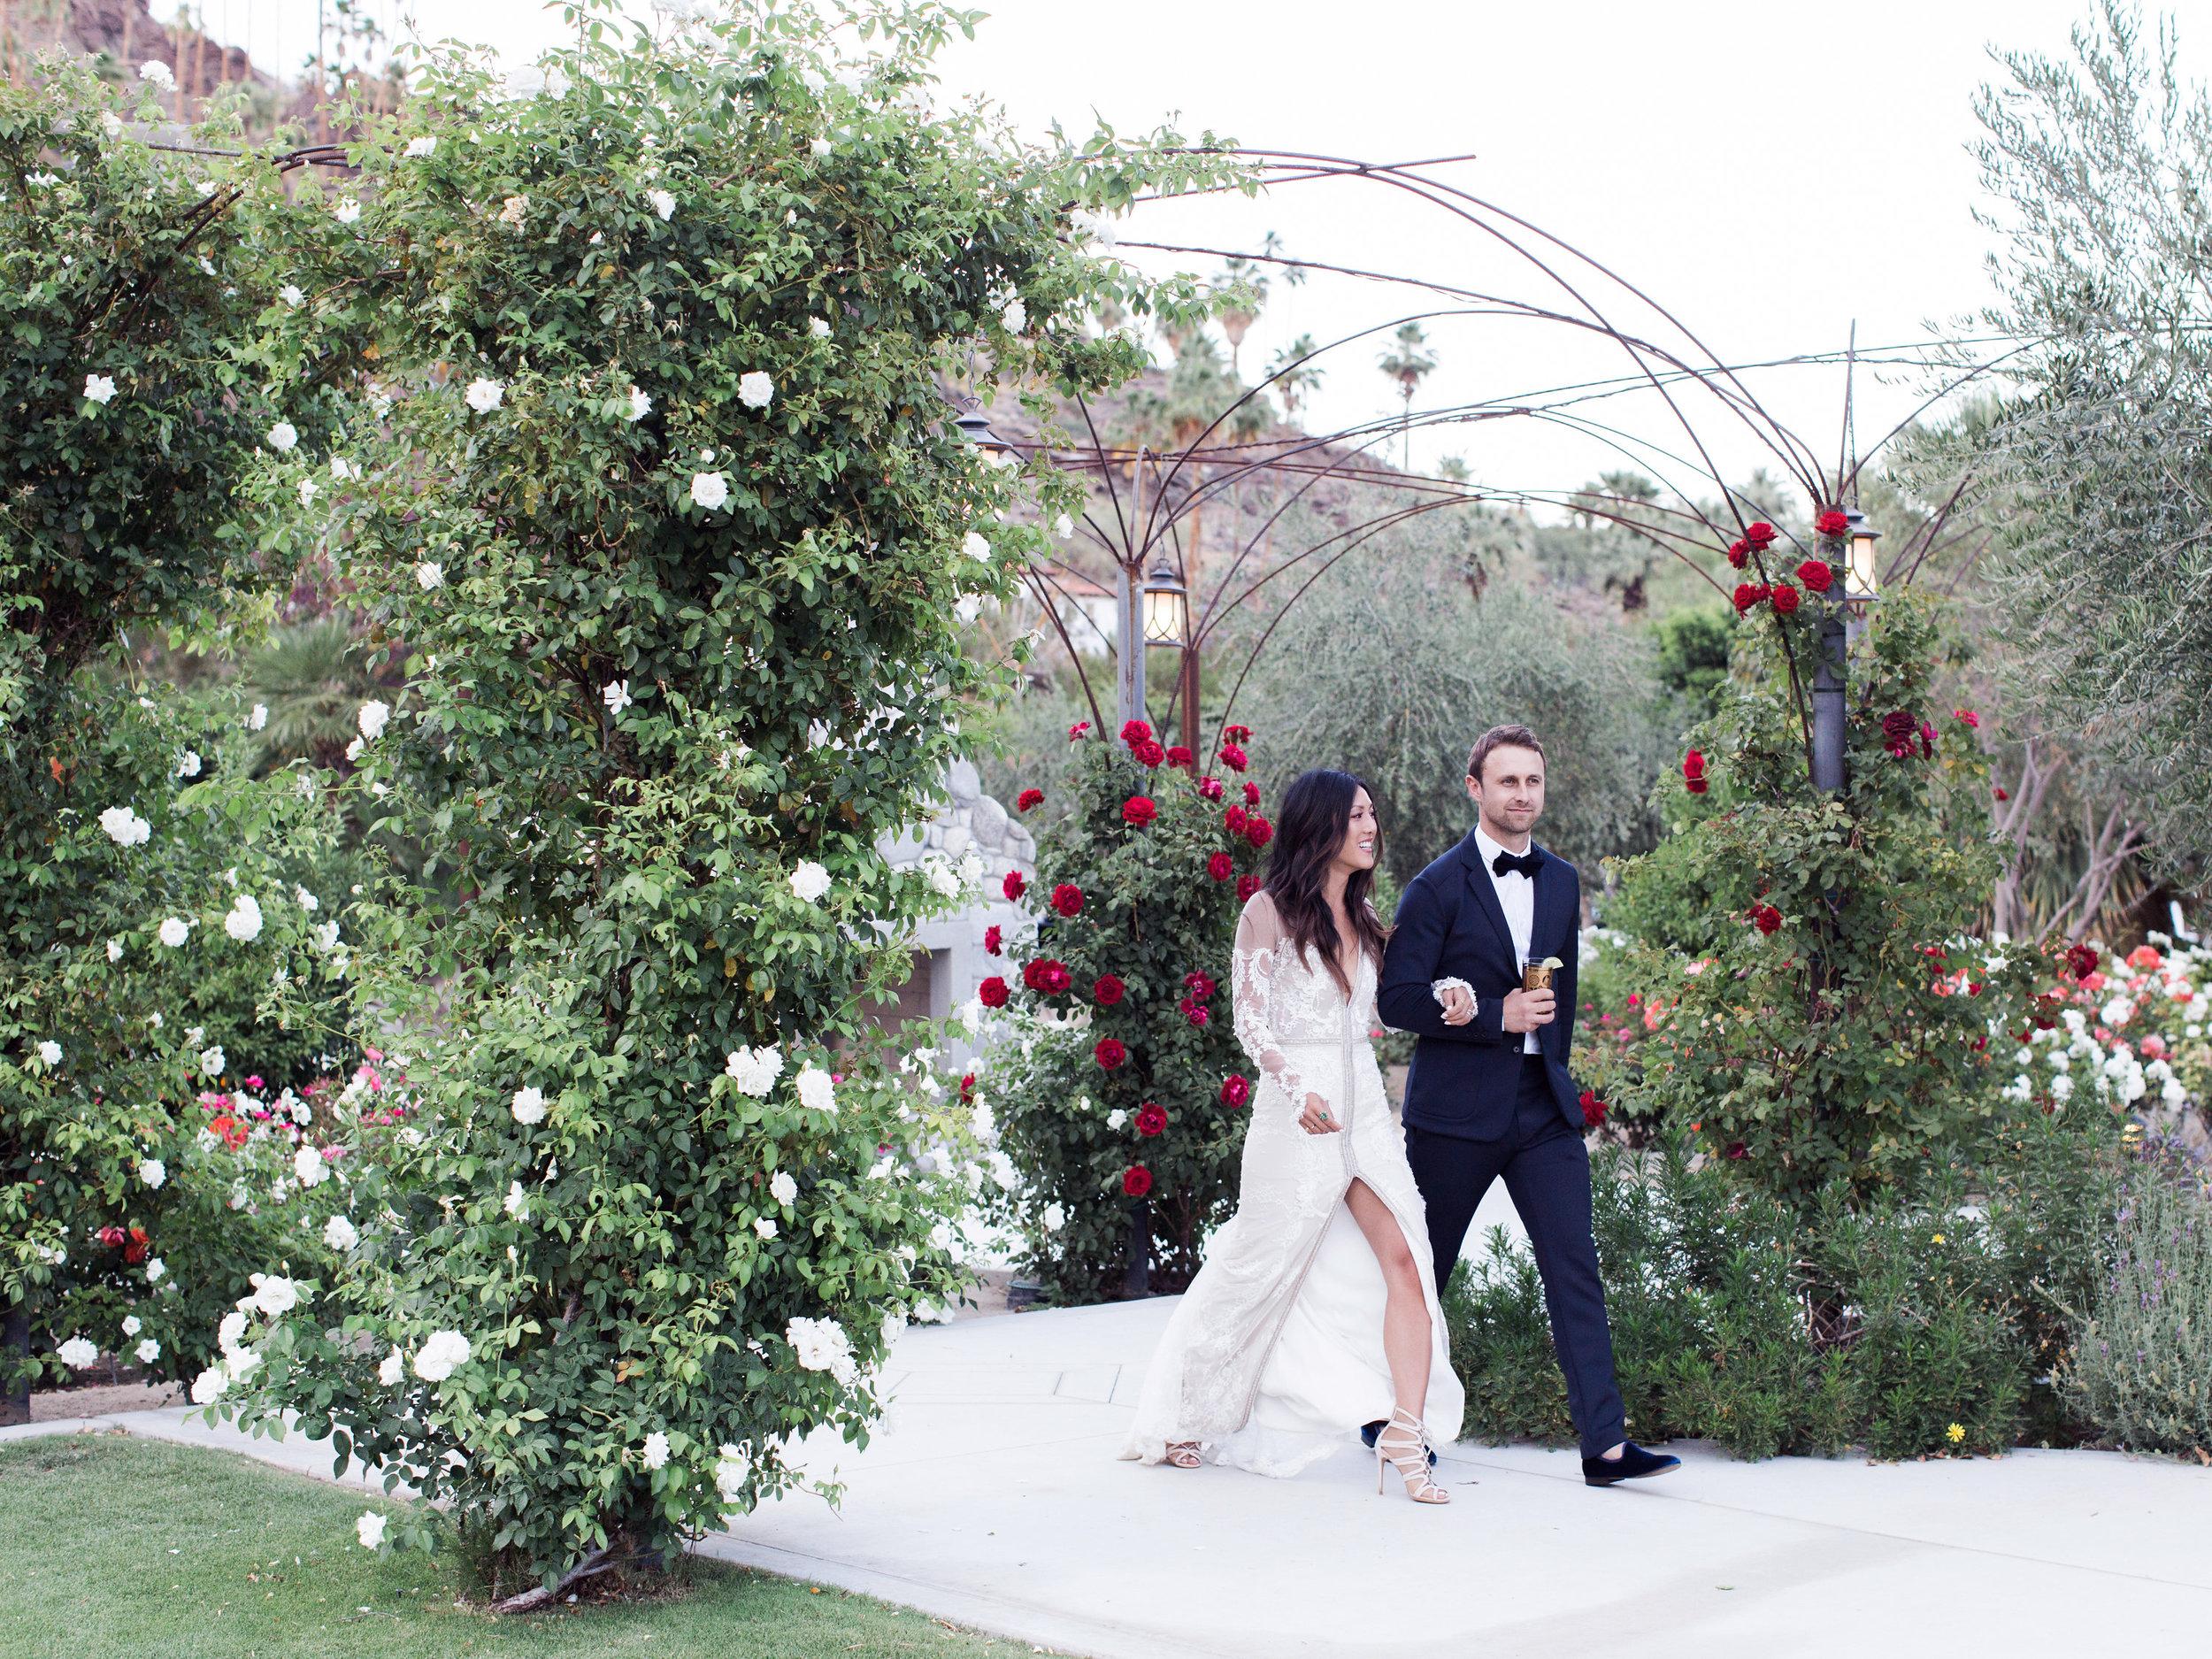 a PSOOSIBEL 349jenbrianwedding_ashleykelemen.jpg